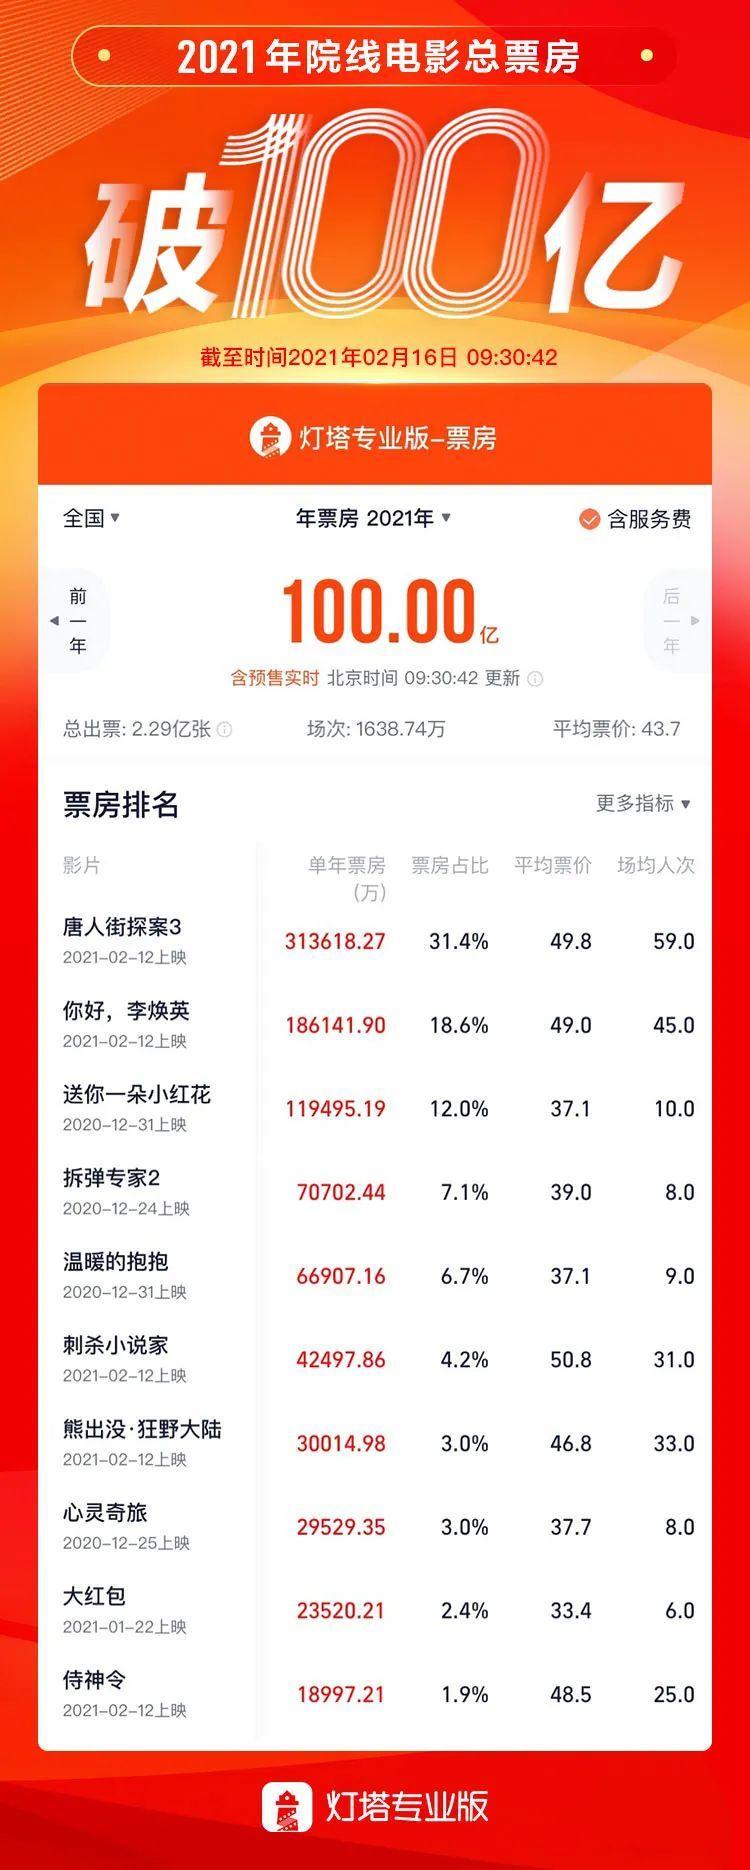 中国电影年内总票房超百亿!贾玲成票房最高女导演